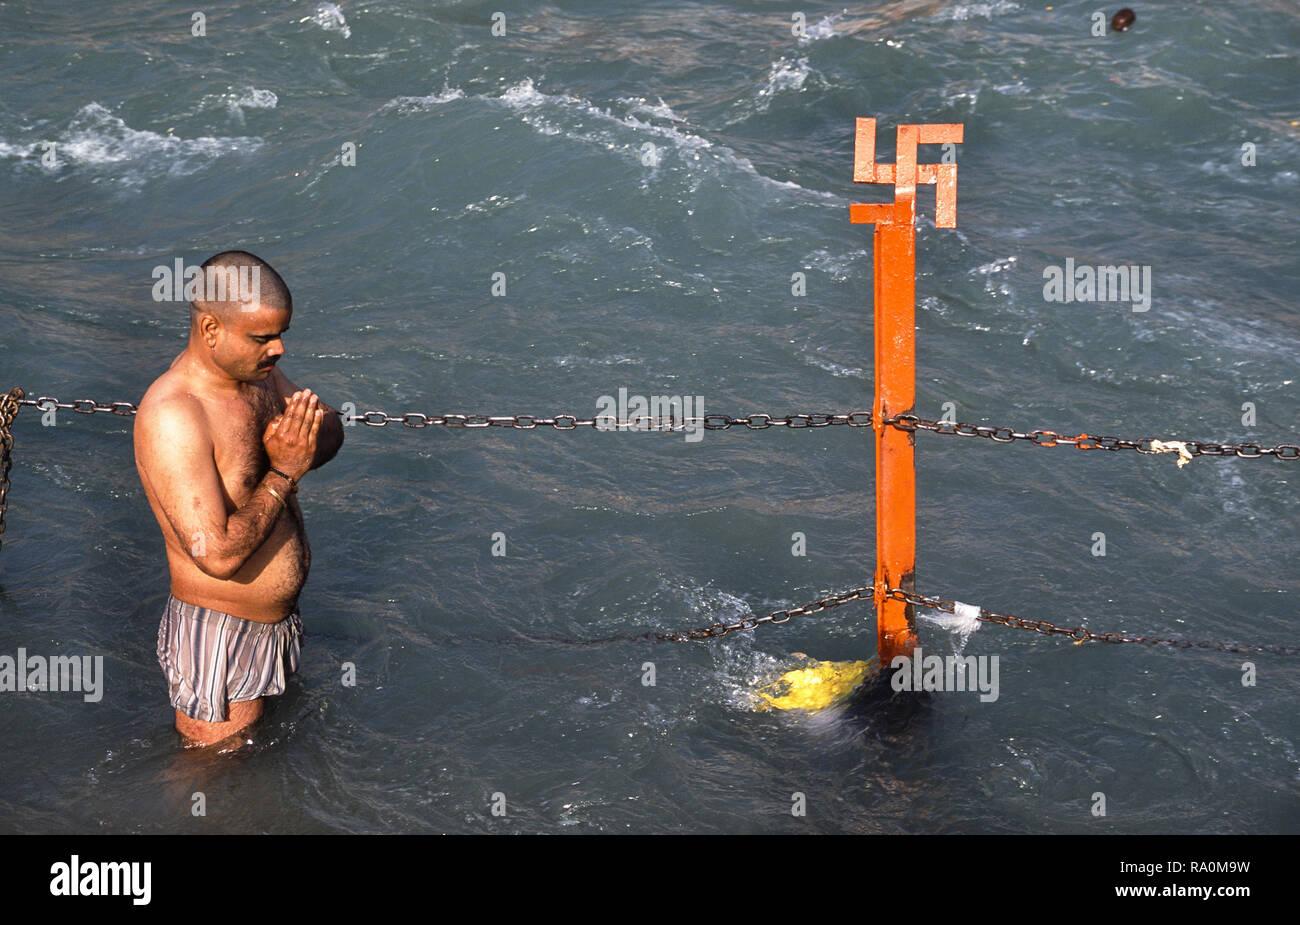 13.03.2010, Haridwar, Uttarakhand, Indien, Asien - Ein glaeubiger Hindu betet waehrend des religioesen Hindufestes Kumbh Mela im heiligen Fluss Ganges Stockbild